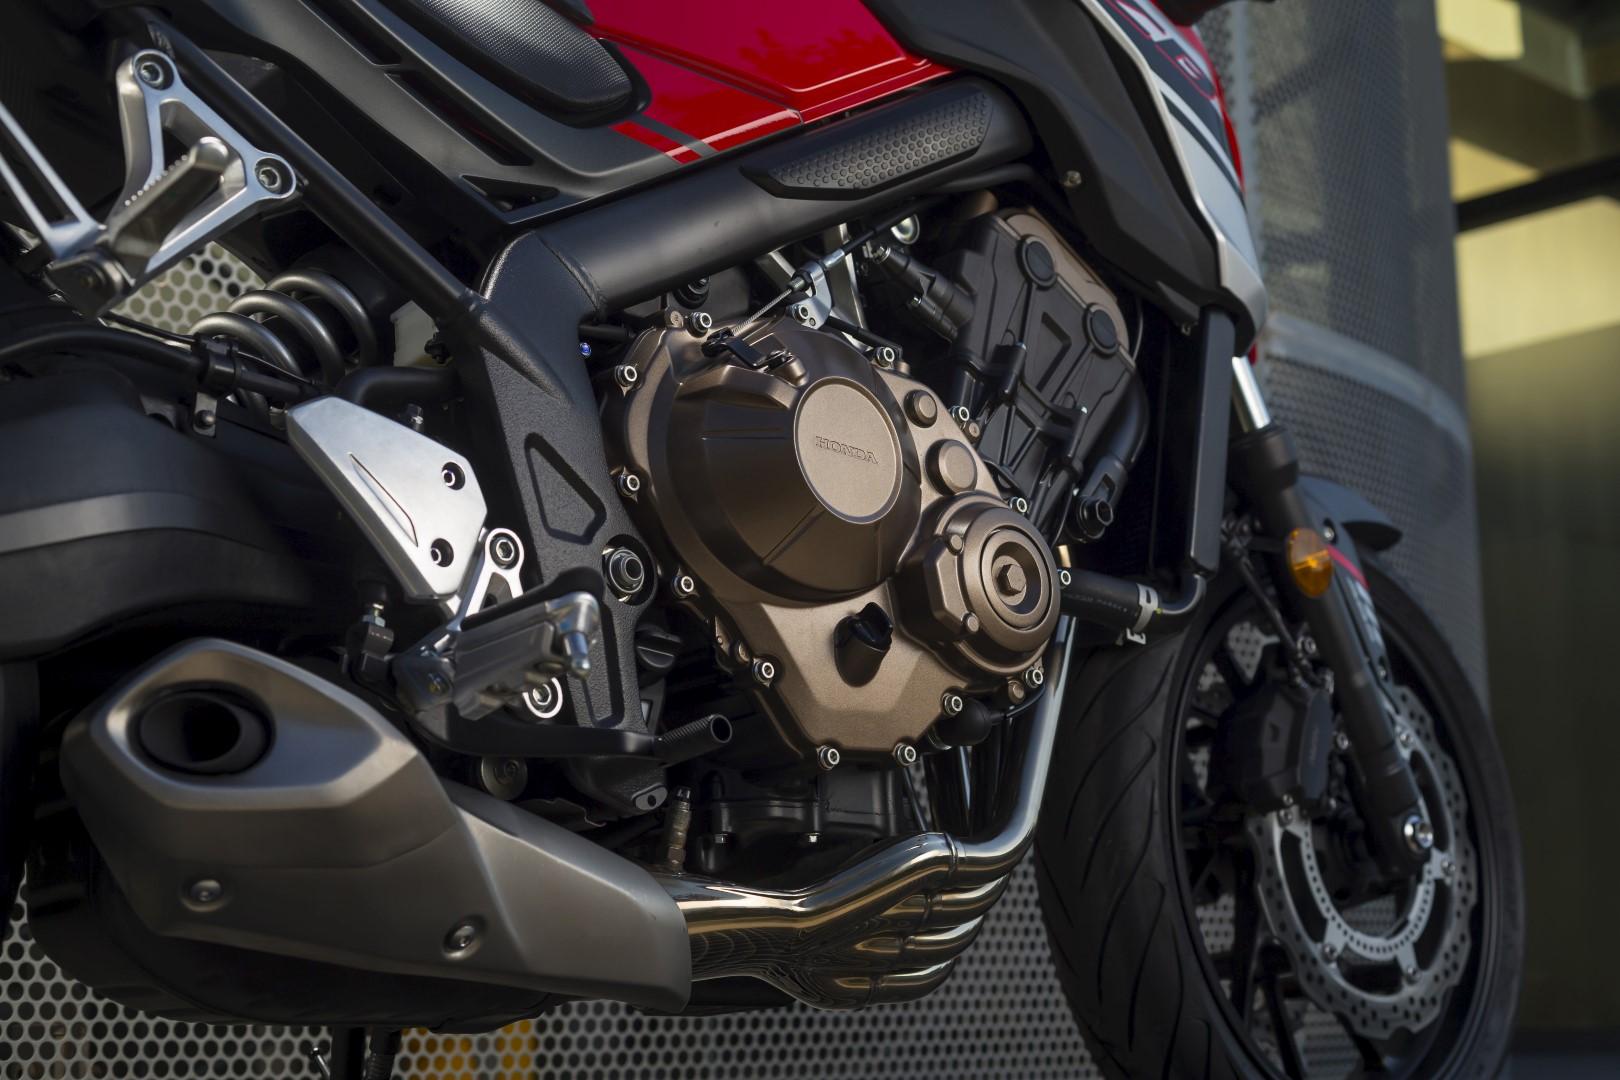 Honda CB650F & CBR650F